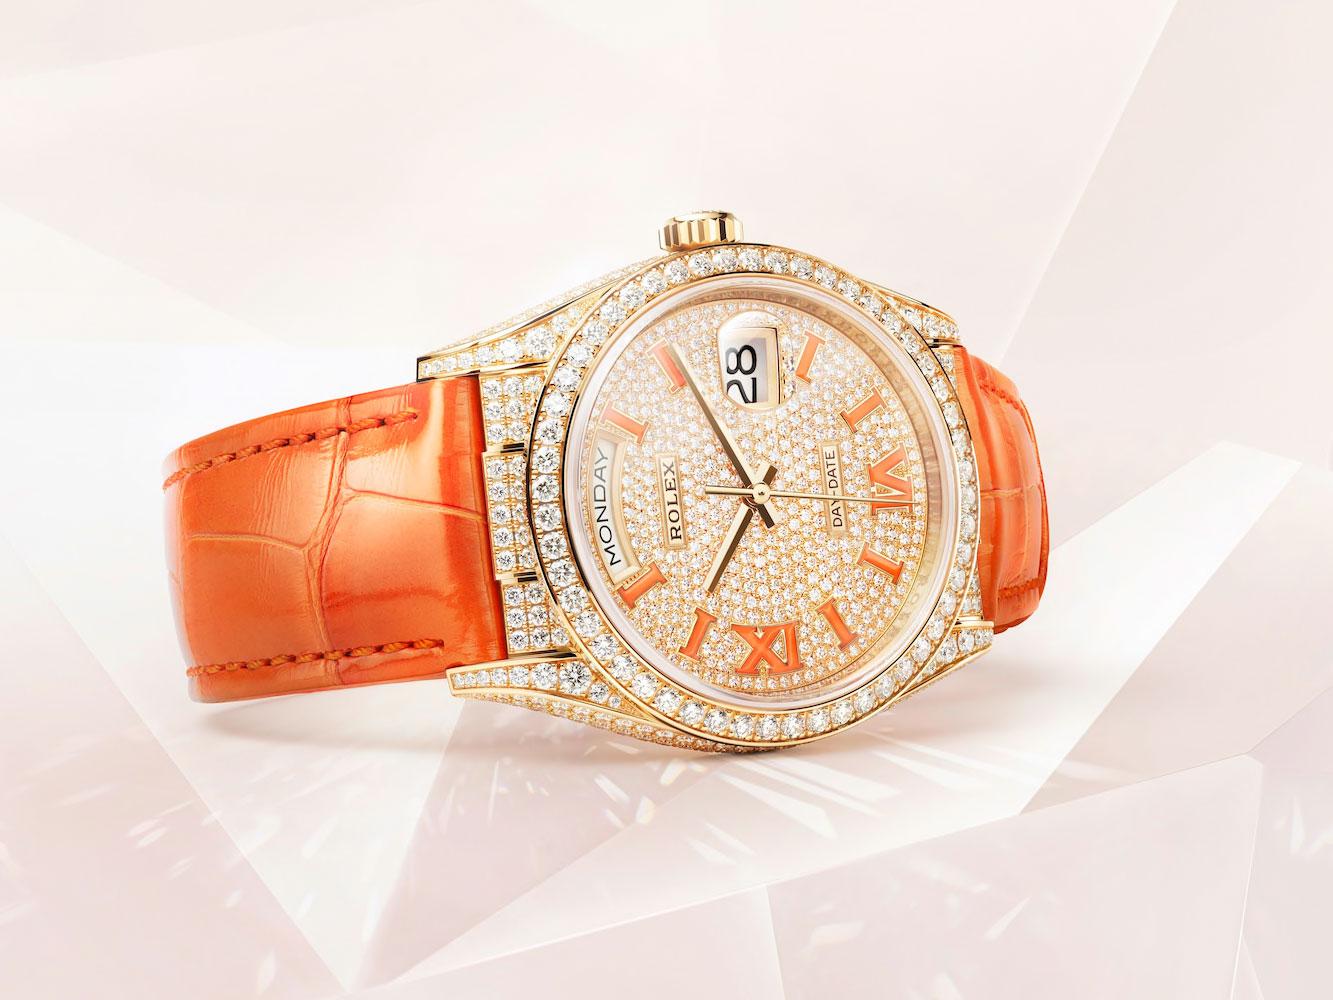 Rolex giới thiệu 16 mẫu đồng hồ mới cho 2021 10